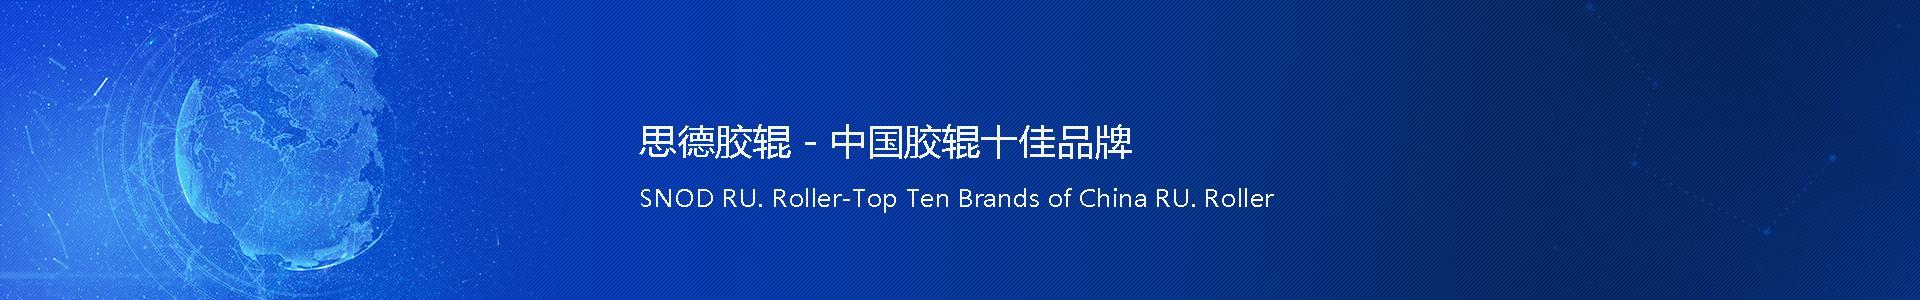 胶辊-胶辊厂,电晕辊,MDO压辊,硅胶辊,工业胶辊,铜箔胶辊,聚氨脂胶辊,上海思德诺庆胶辊